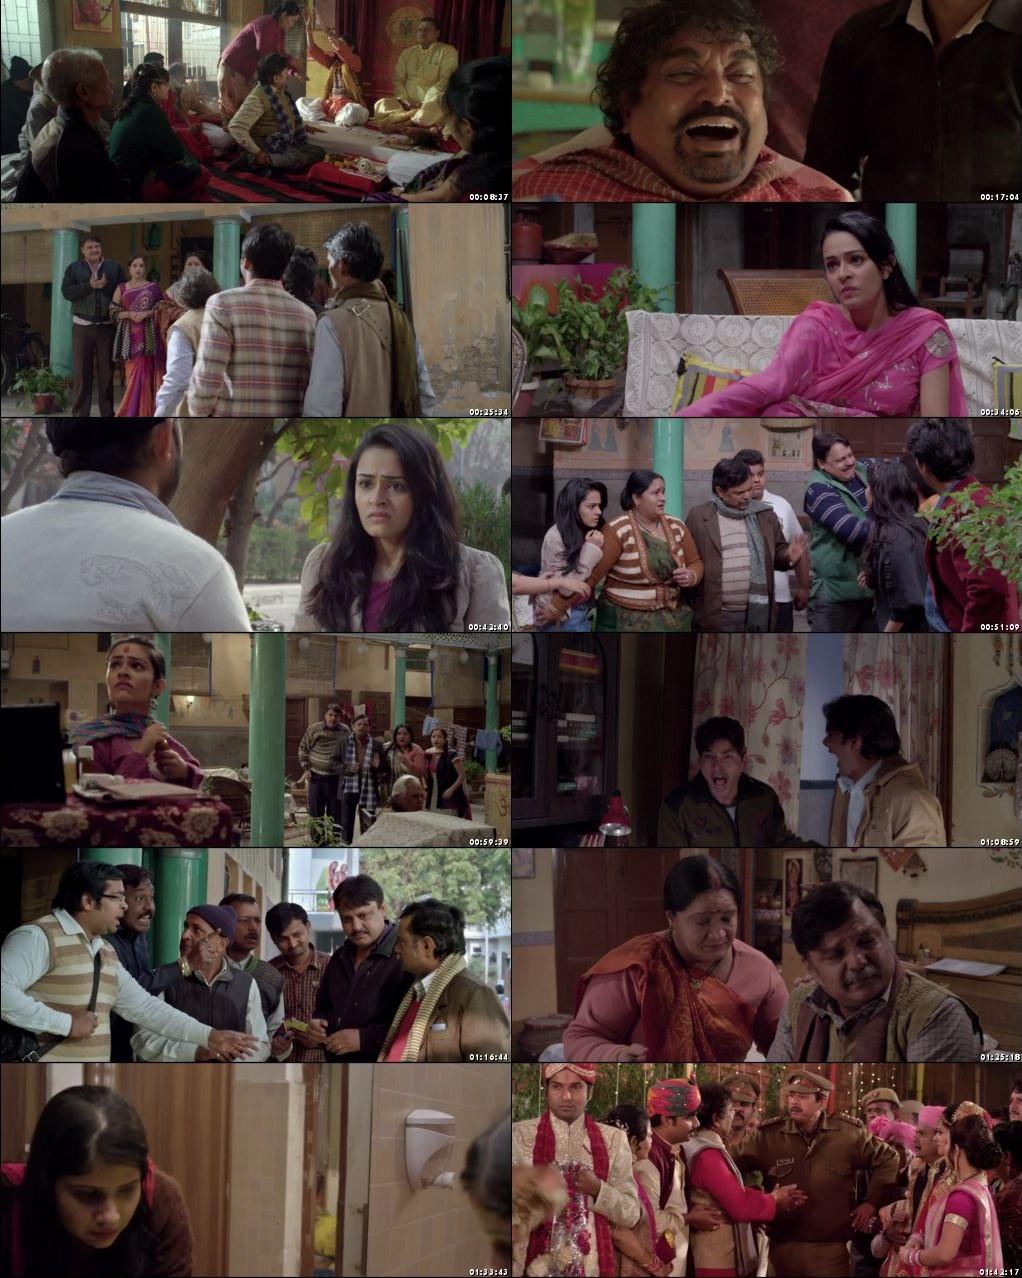 Yahan Sabhi Gyani Hain 2020 Full Hindi Movie Online Watch